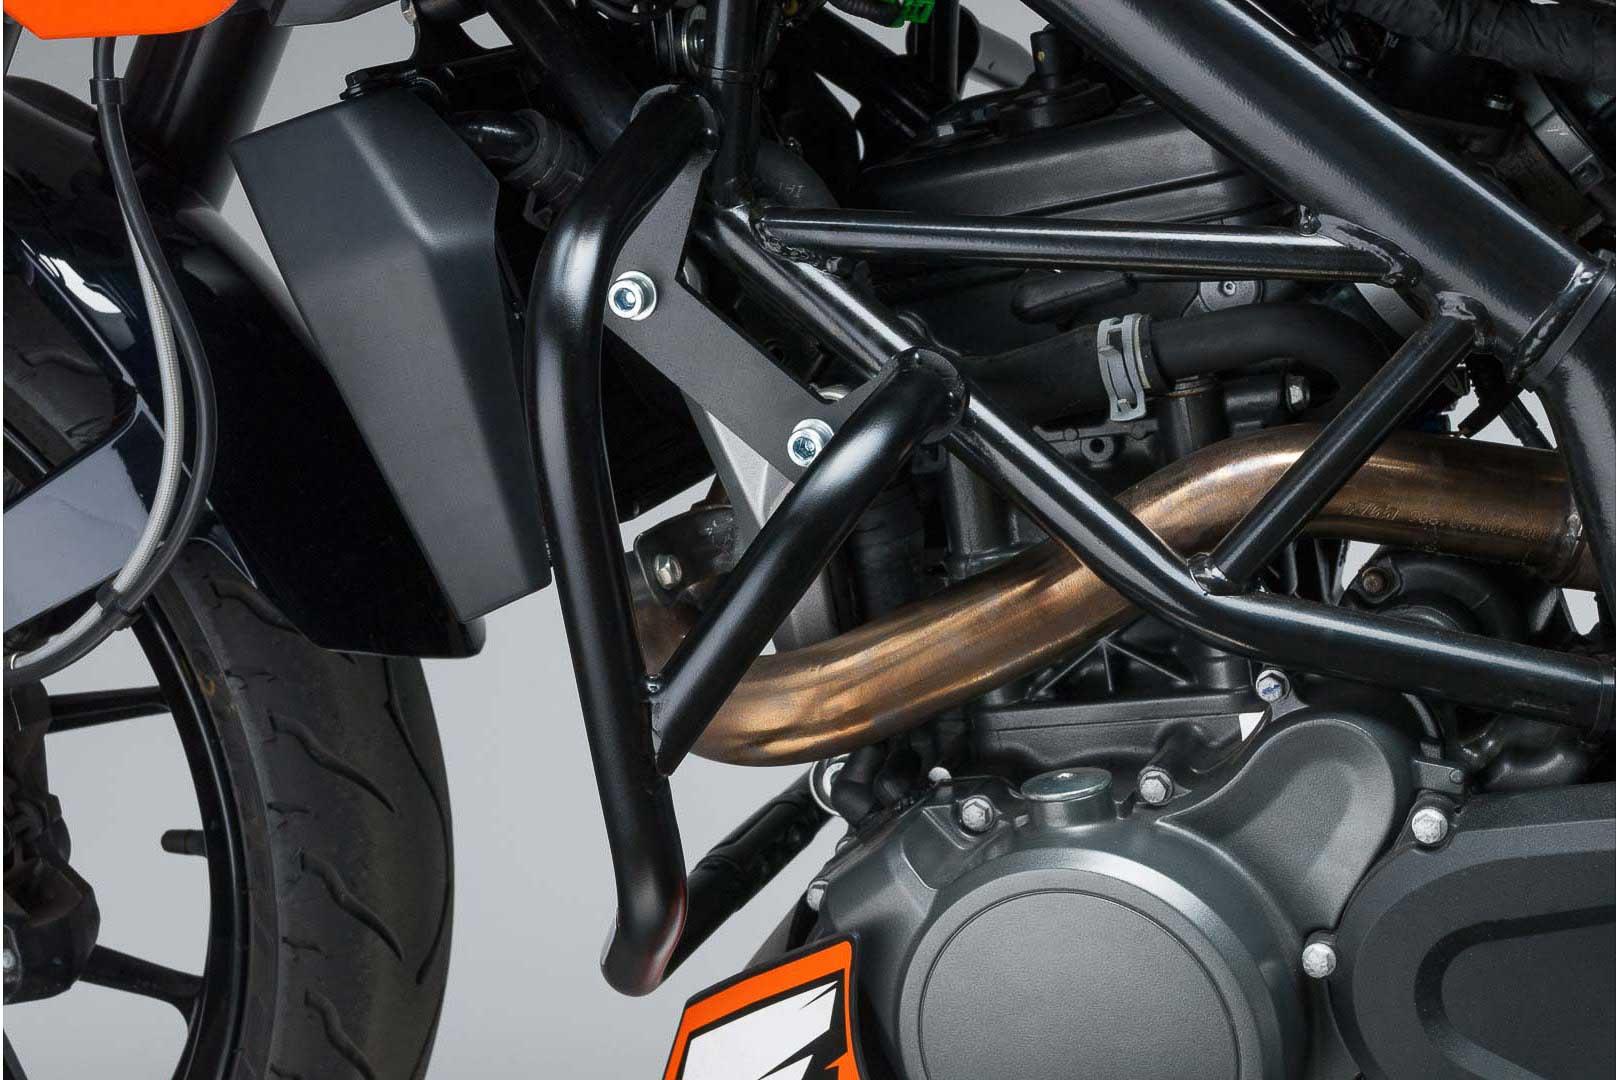 Moottorinsuojarauta KTM 200 Duke